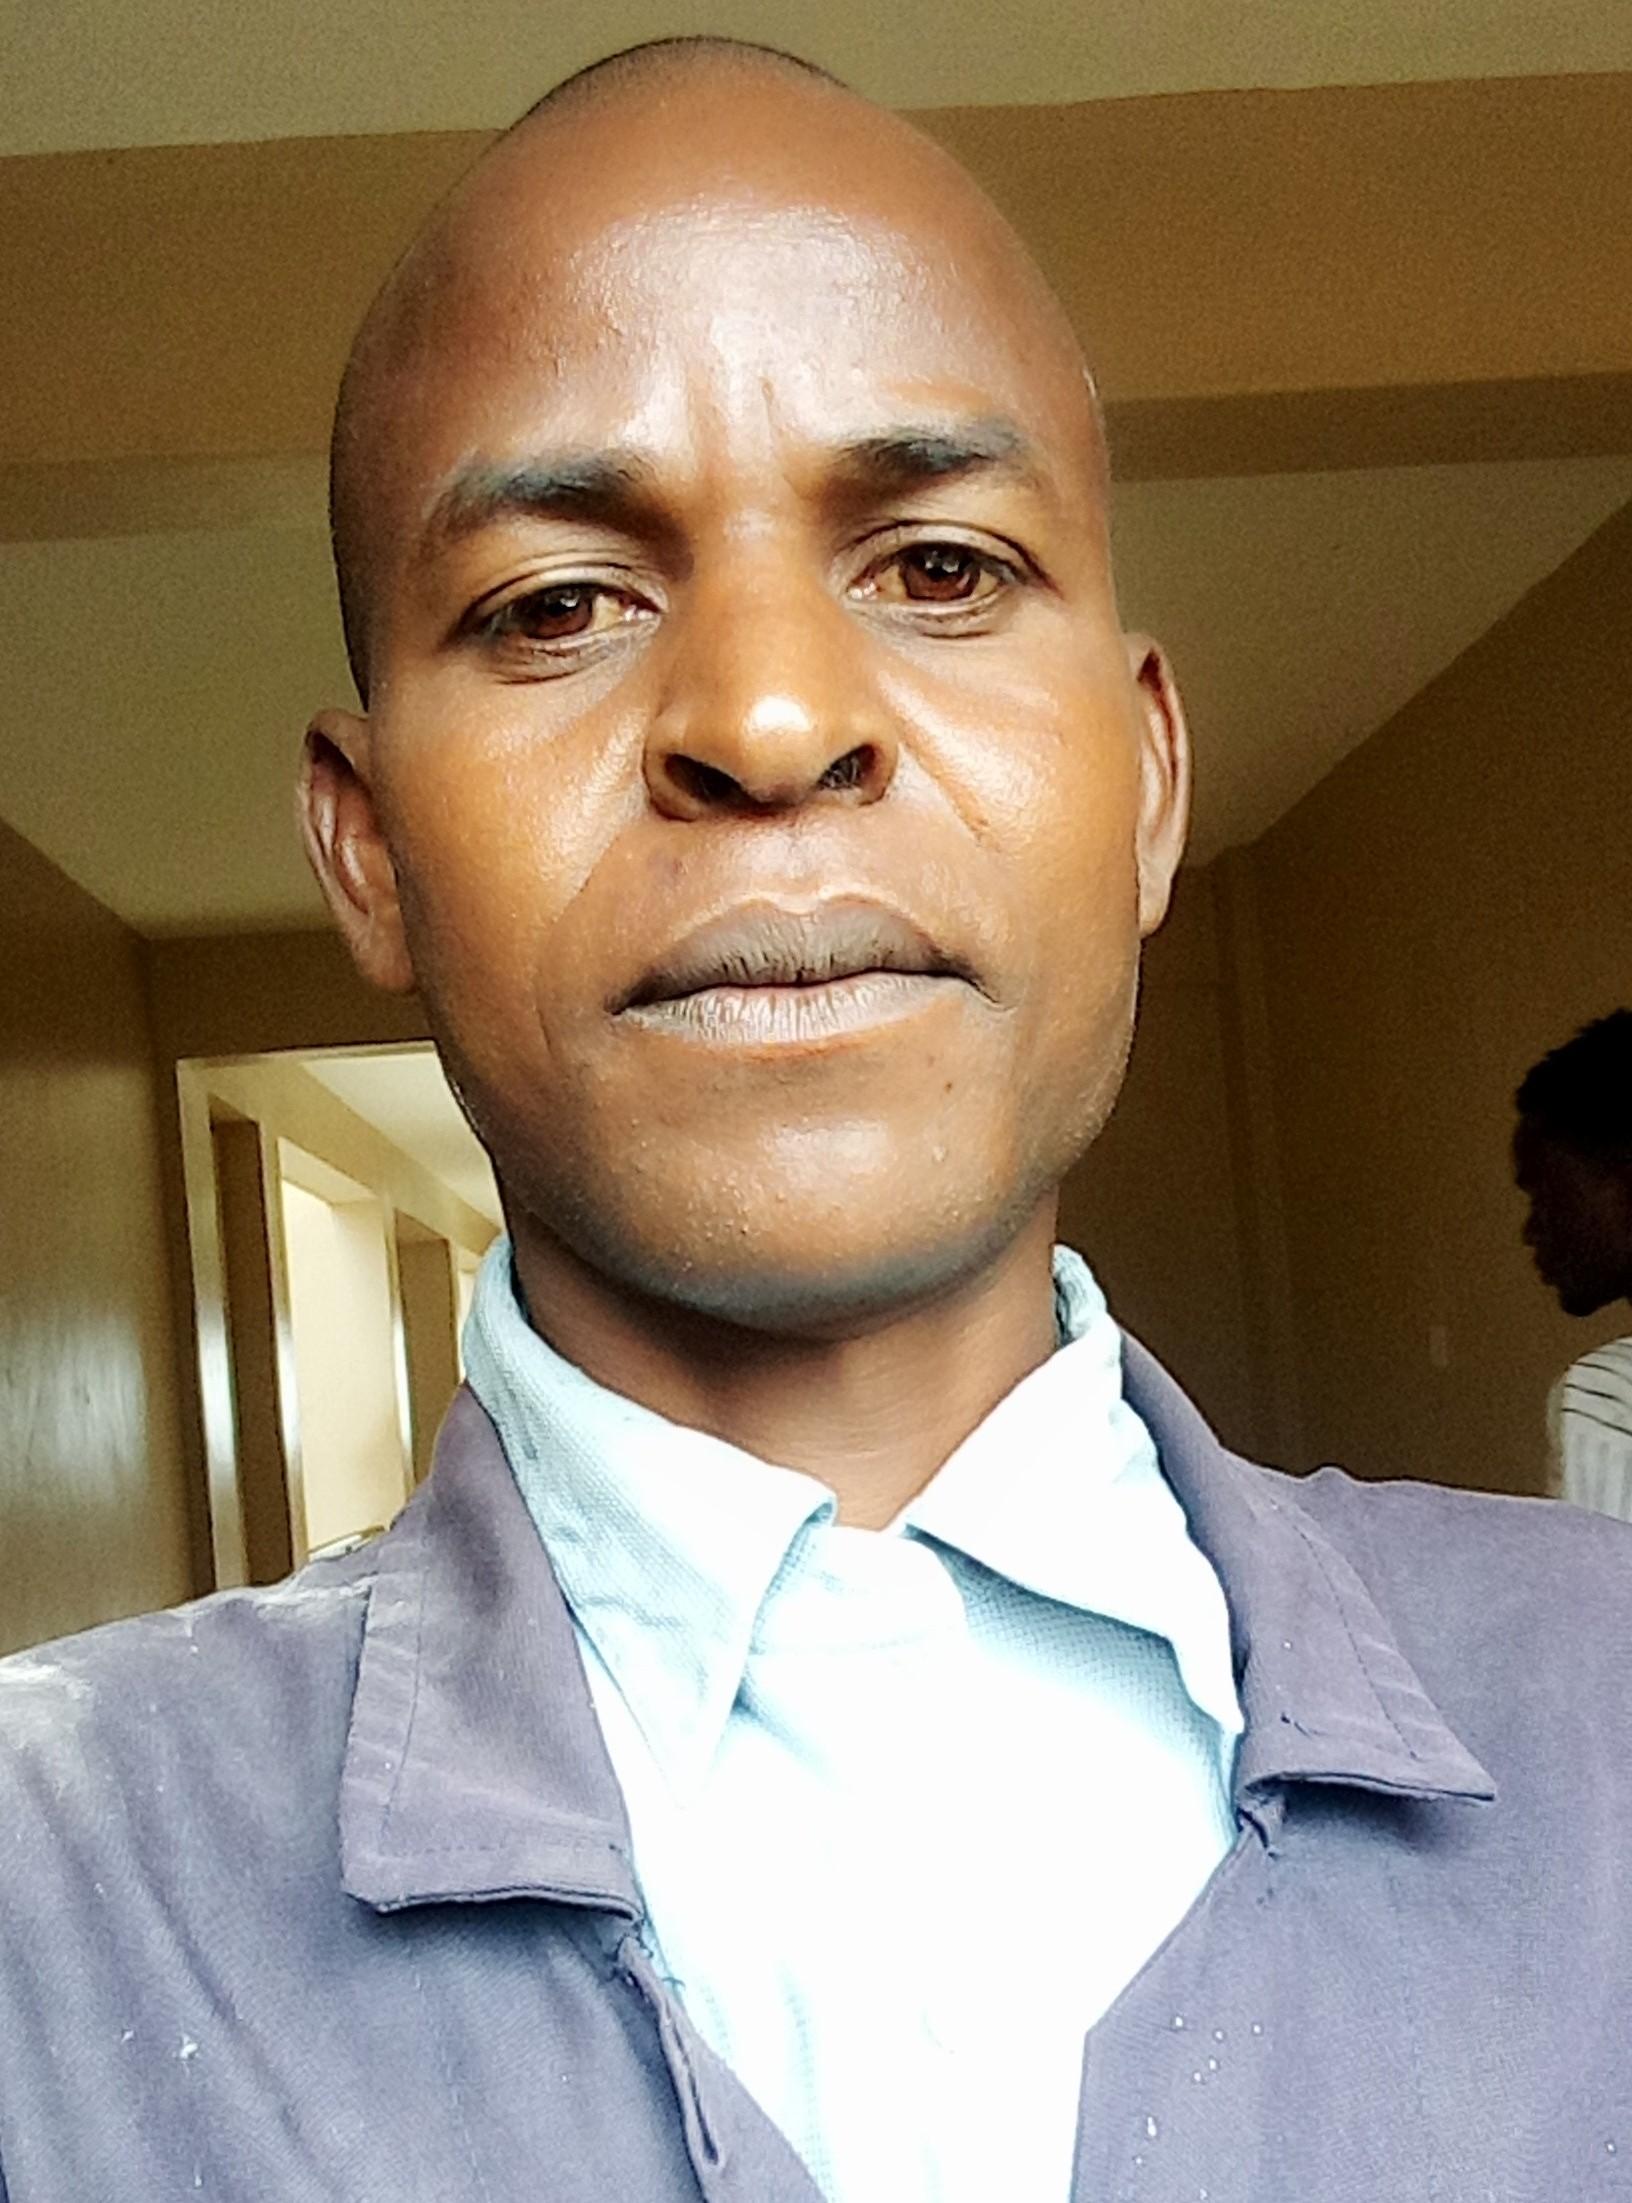 Haron Kinyamali Lemiso